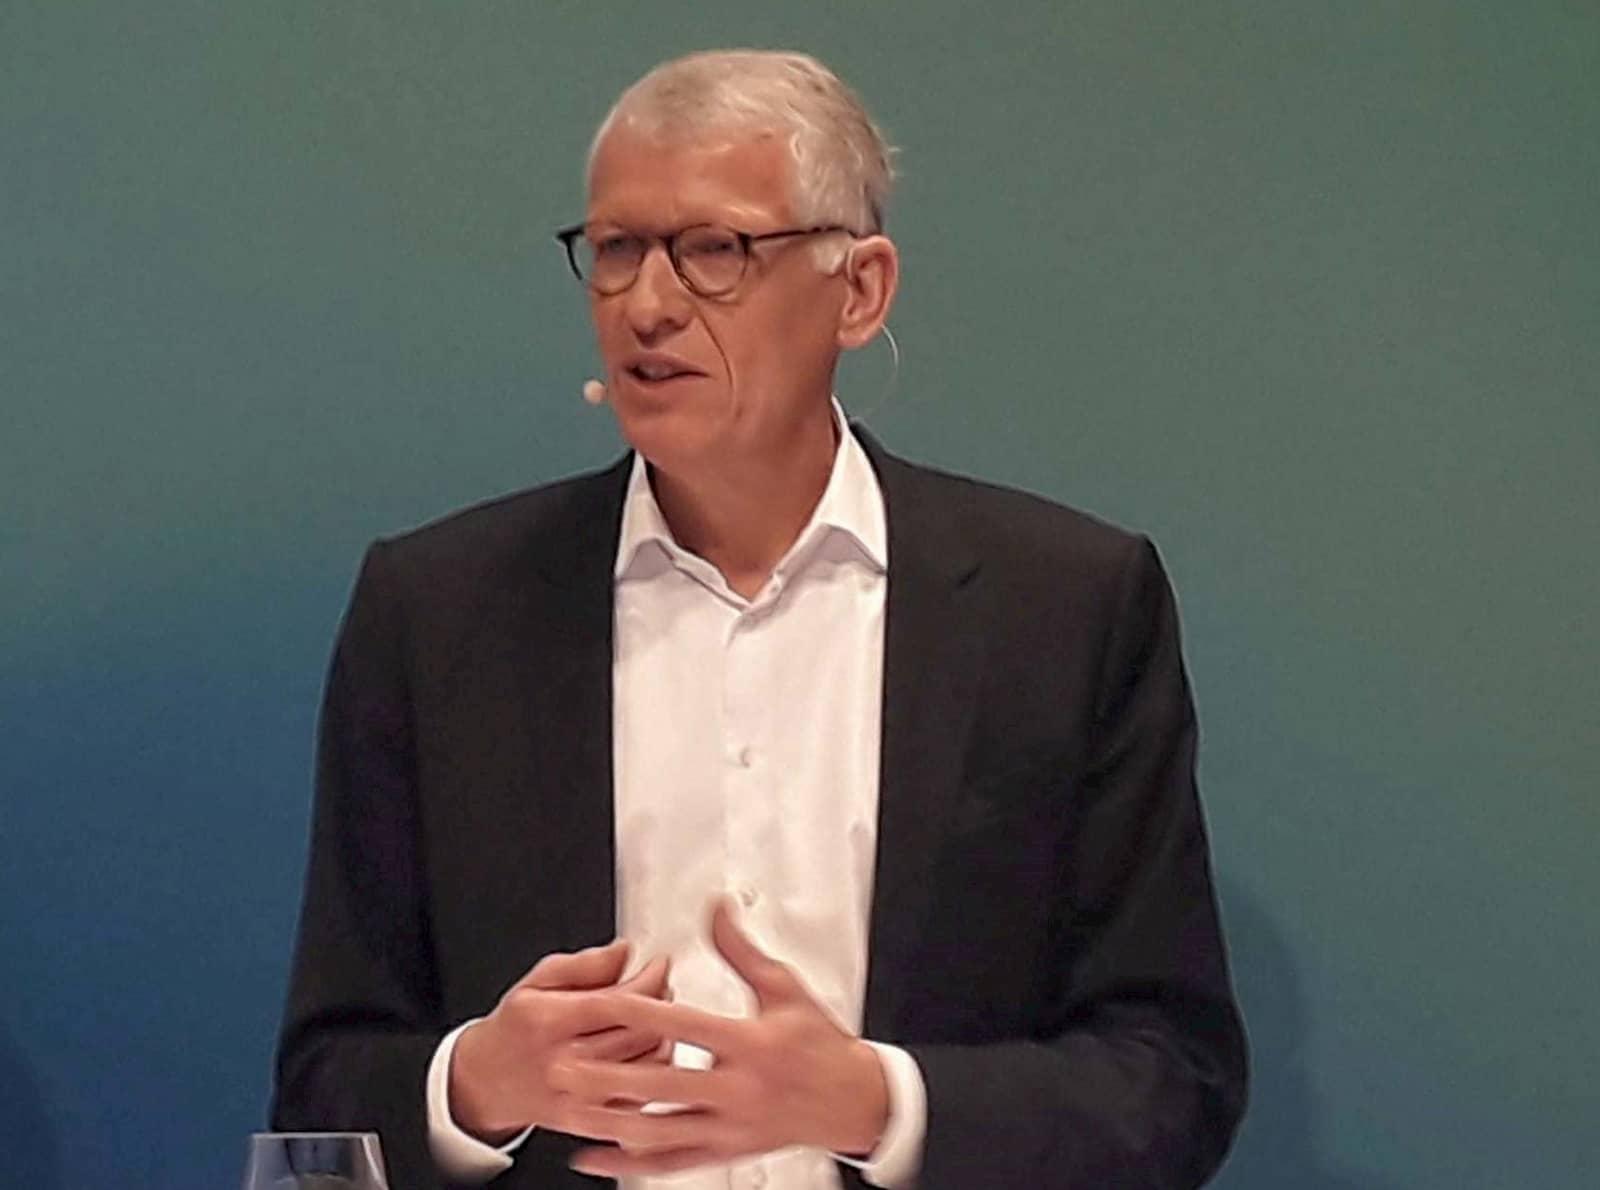 Unter Führung von Dr. Bernhard Düttmann erfolgte die strategische Ceconomy-Neuausrichtung. Damit wurde der Weg zu einem kundenzentrierten und (wieder) wachsenden Unternehmen geebnet.